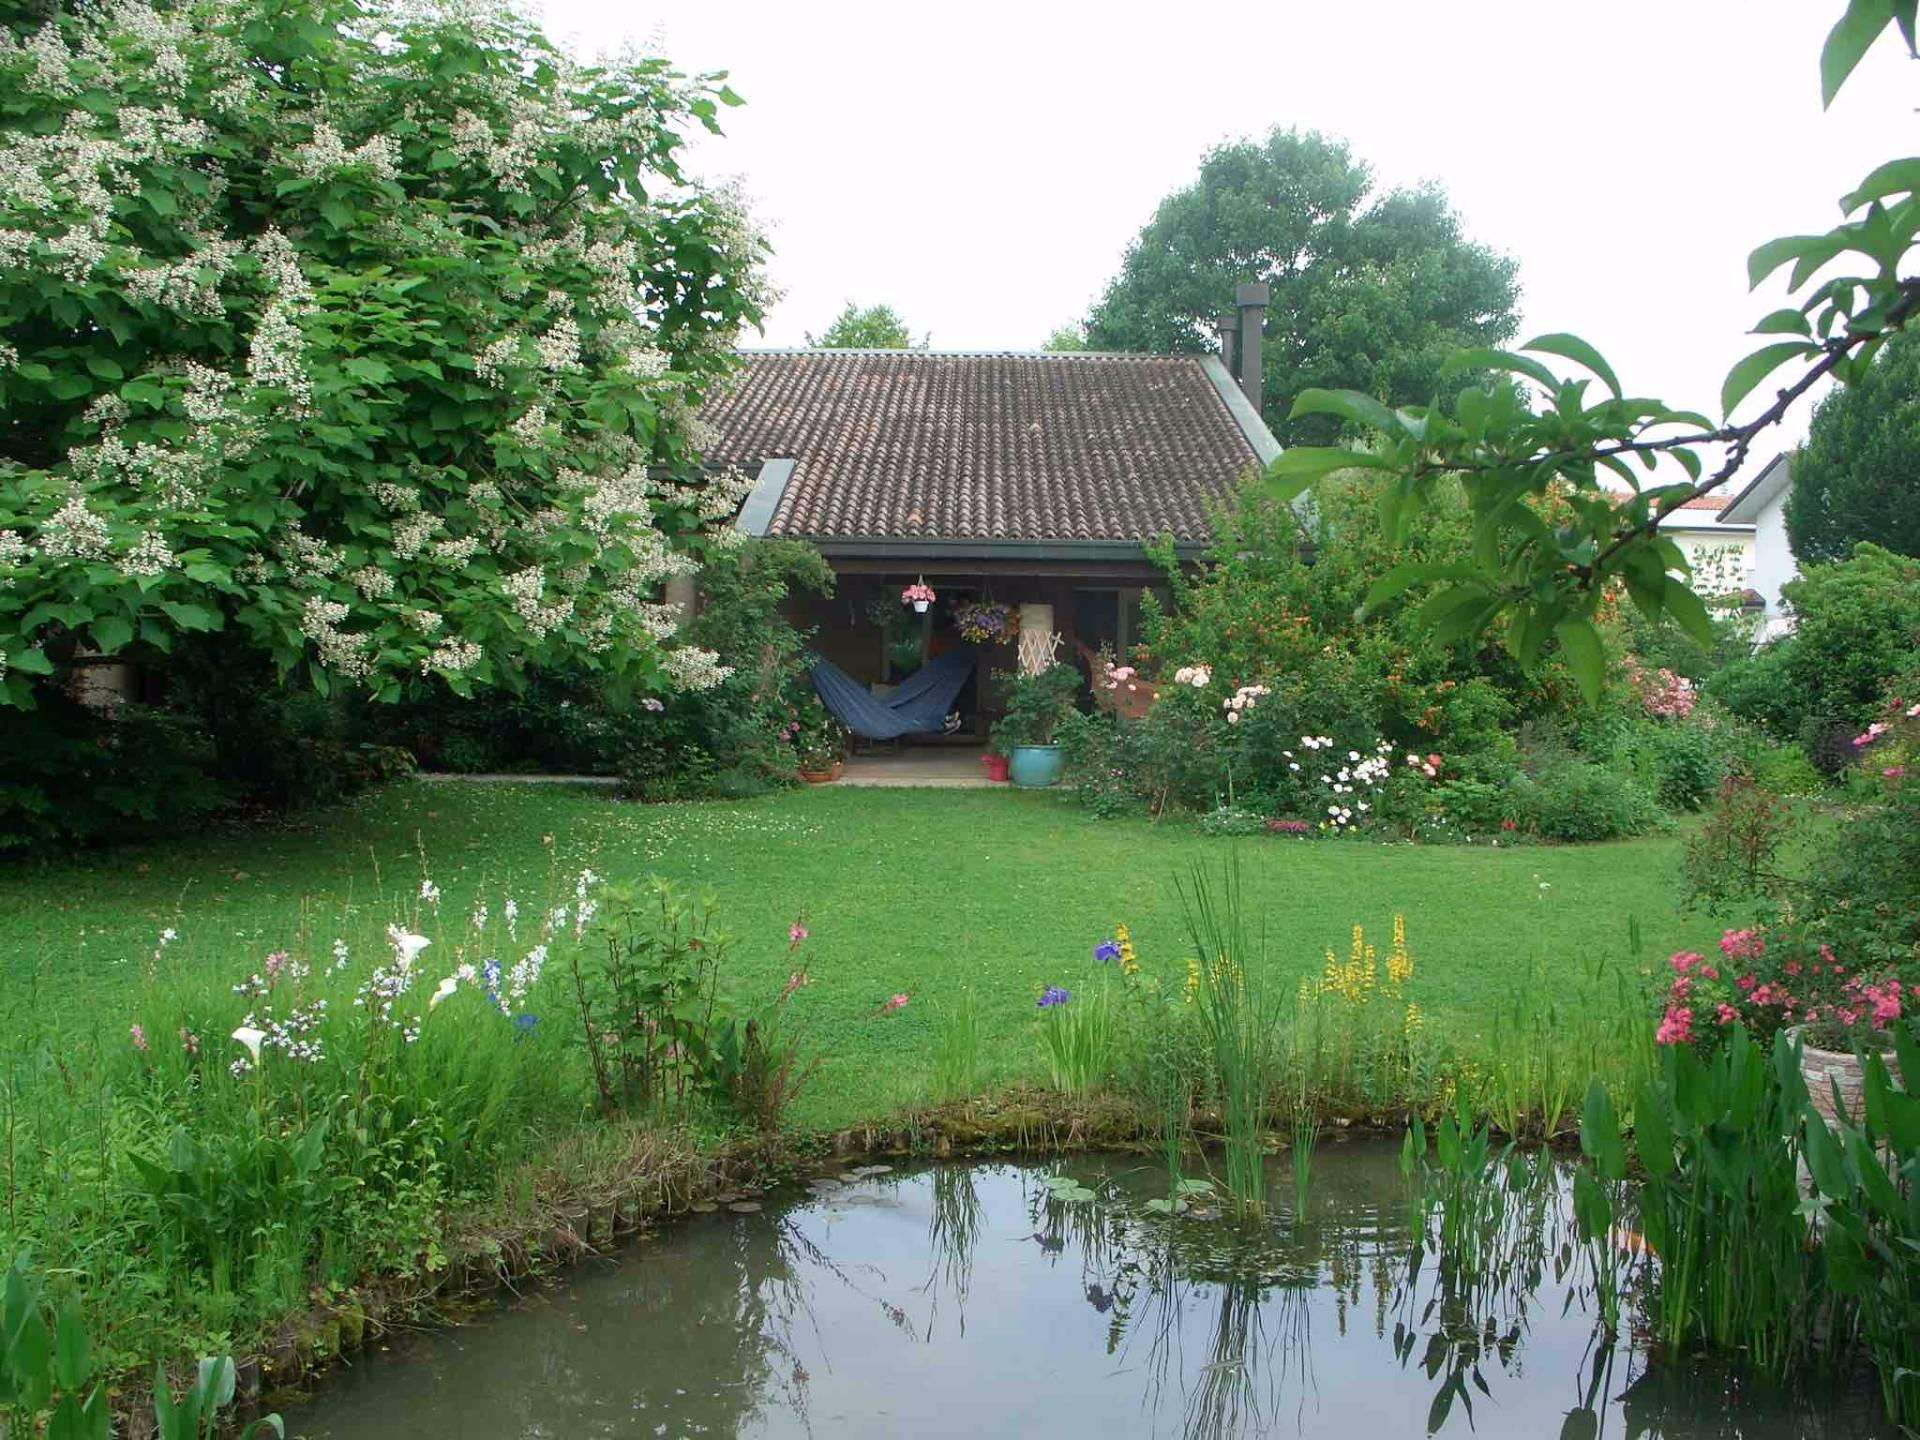 Villa in vendita a San Biagio di Callalta, 11 locali, zona Località: Olmi, prezzo € 820.000 | Cambio Casa.it